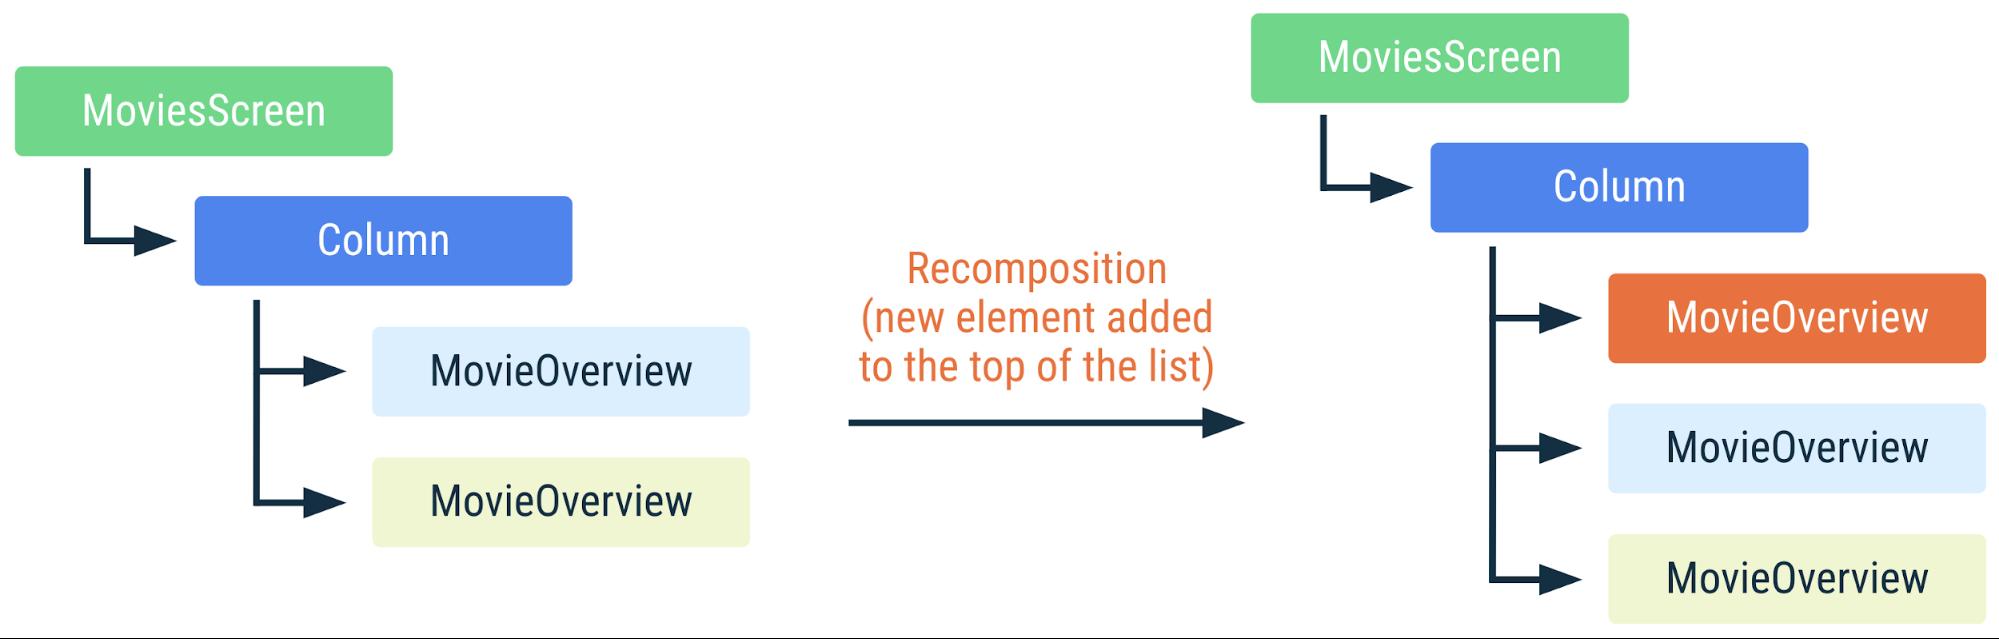 목록의 상단에 새 요소가 추가된 경우 앞의 코드가 재구성되는 방식을 보여주는 다이어그램. 목록 항목이 키로 식별되므로 Compose는 항목의 위치가 변경된 경우에도 항목을 재구성하지 않습니다.